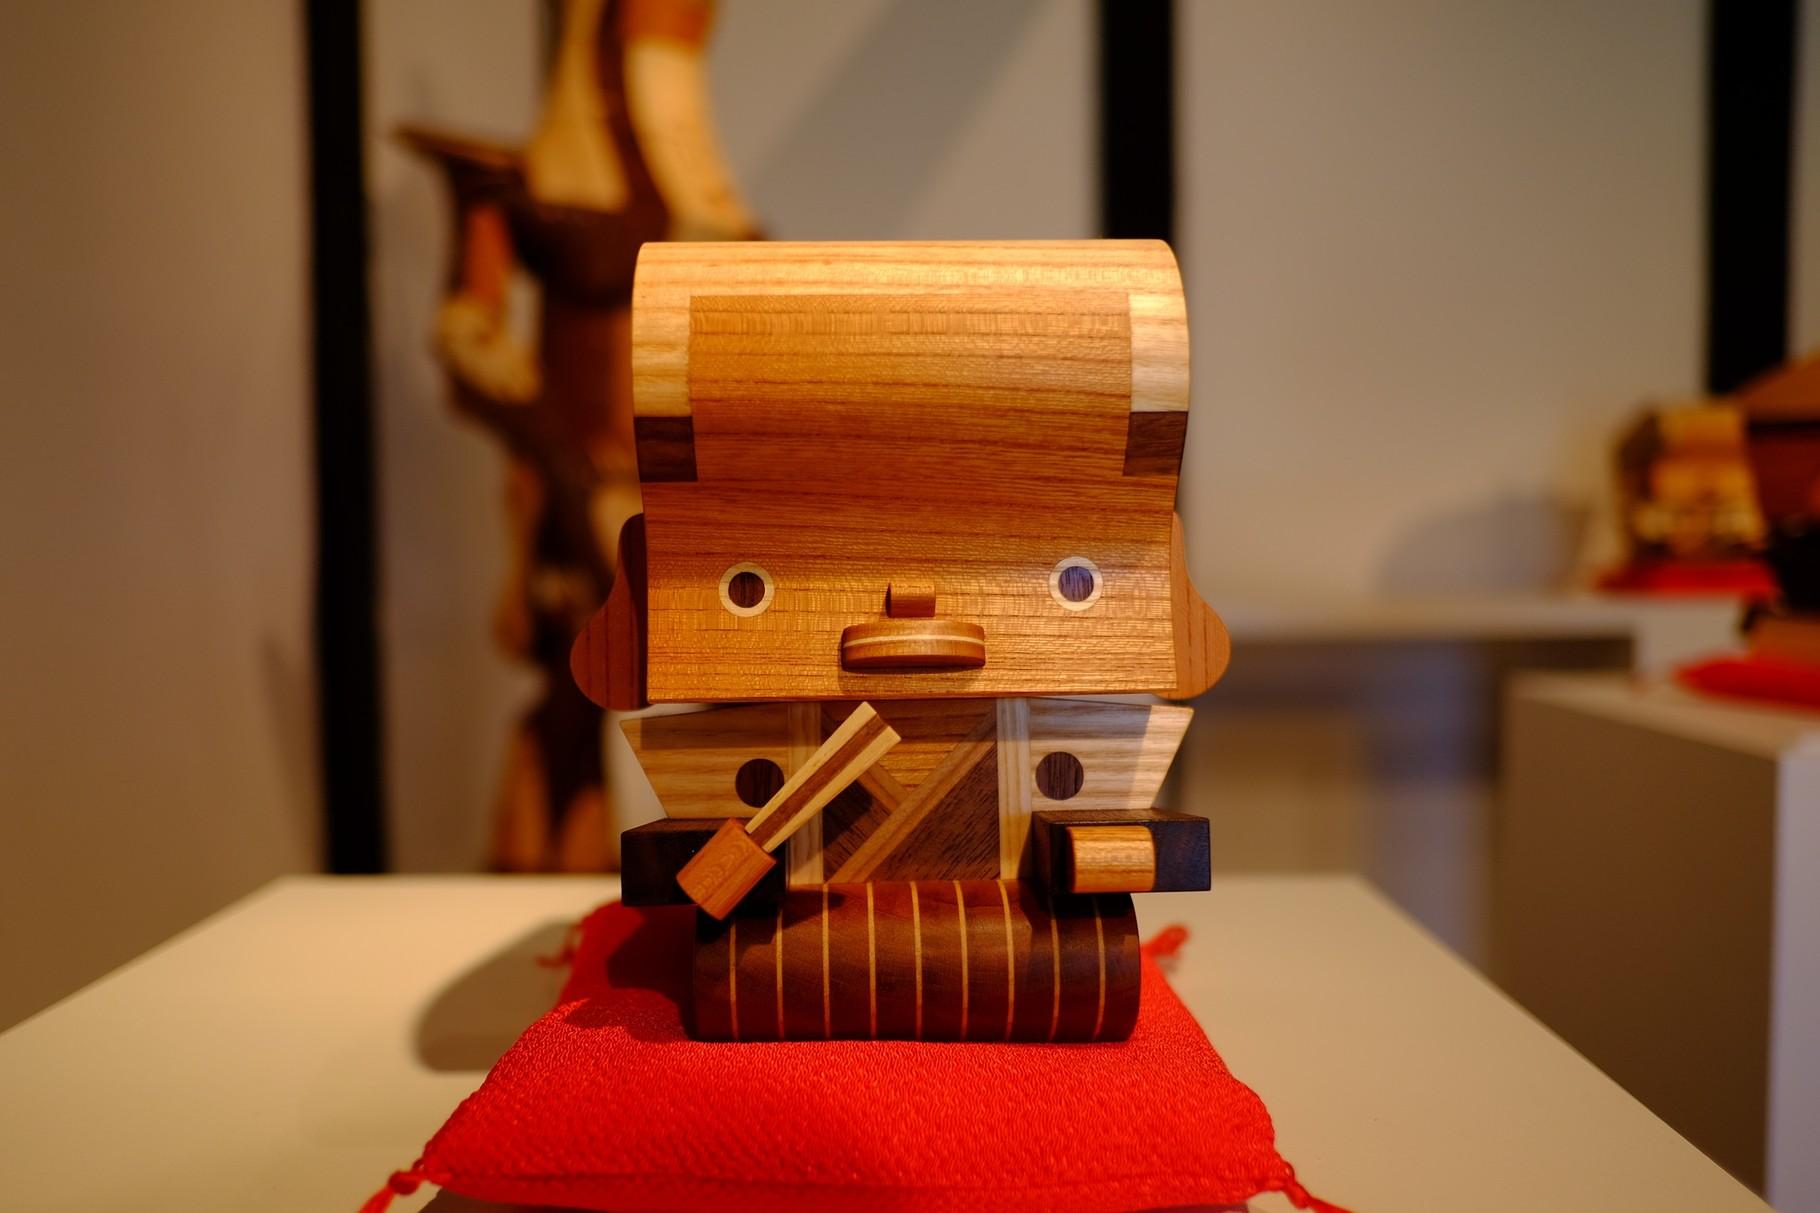 展覧会ではたくさんのこのお顔を拝見しました。